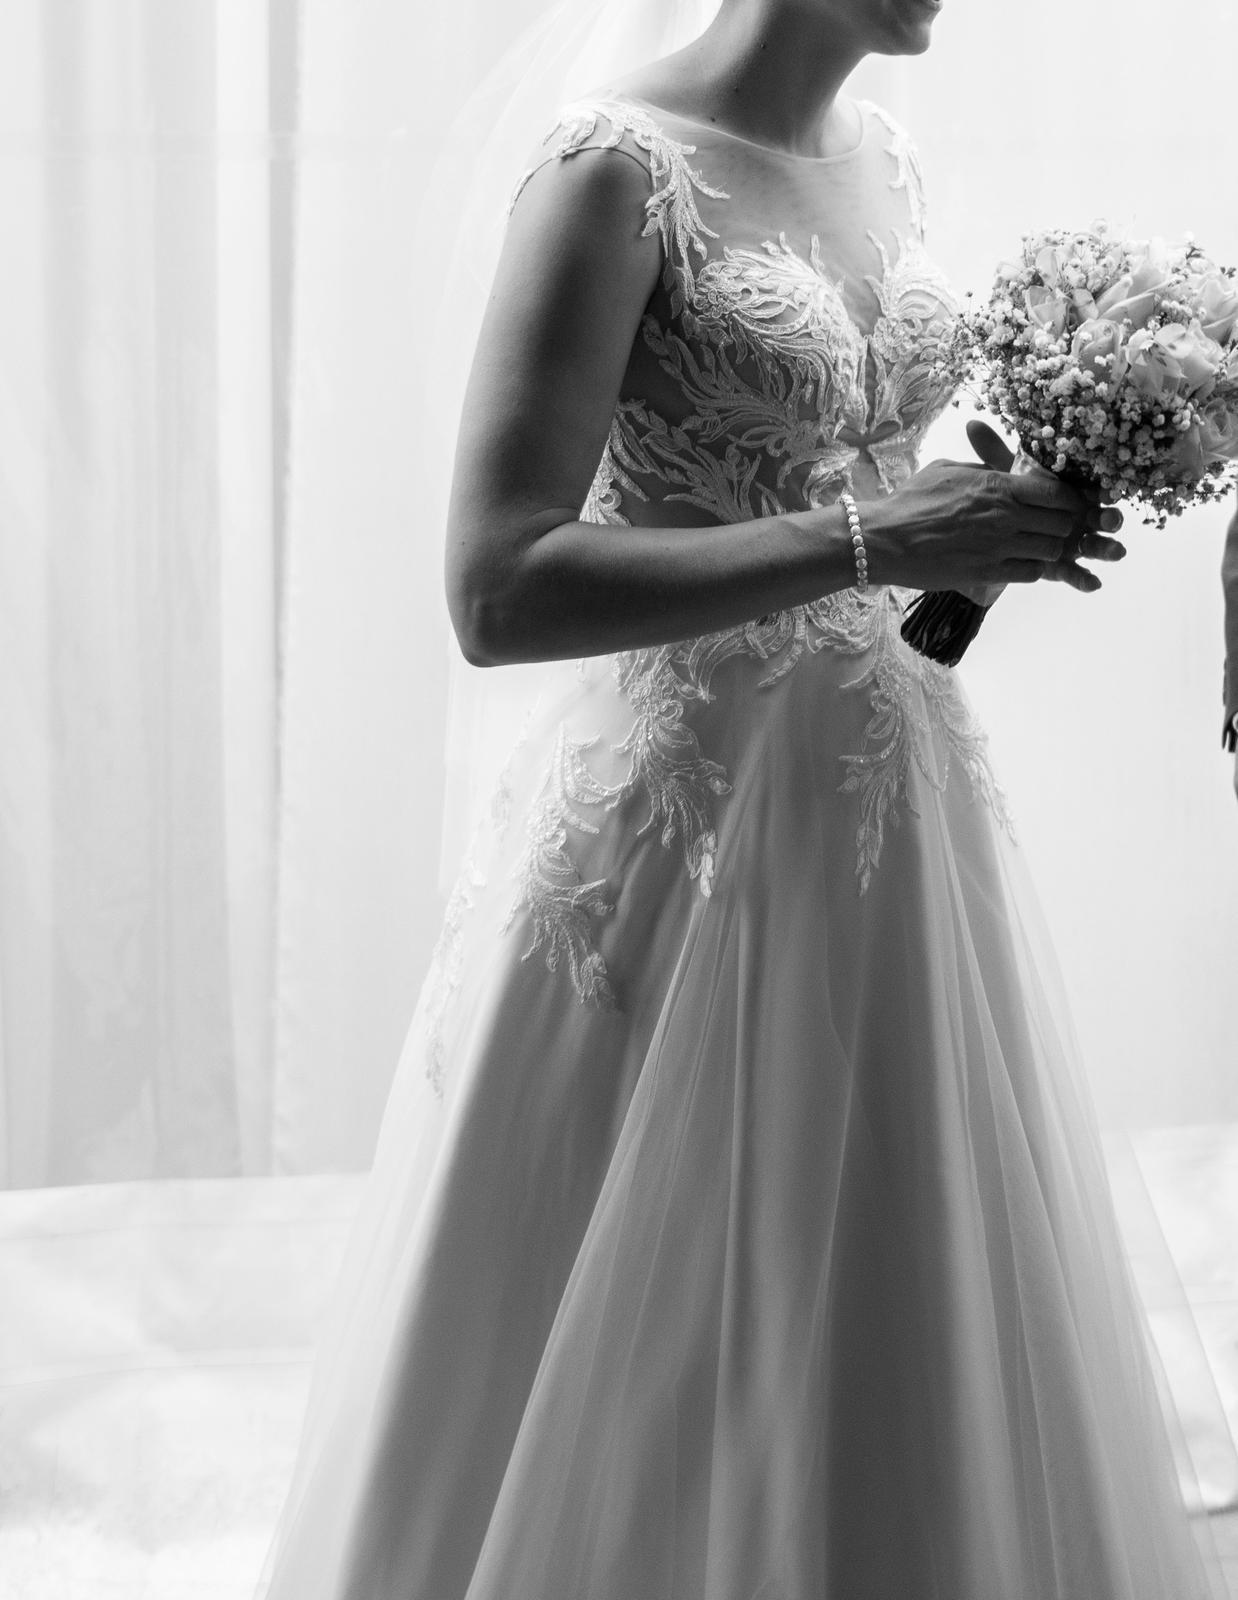 Svadobné šaty Rosalino zn. Hadassa - Obrázok č. 1